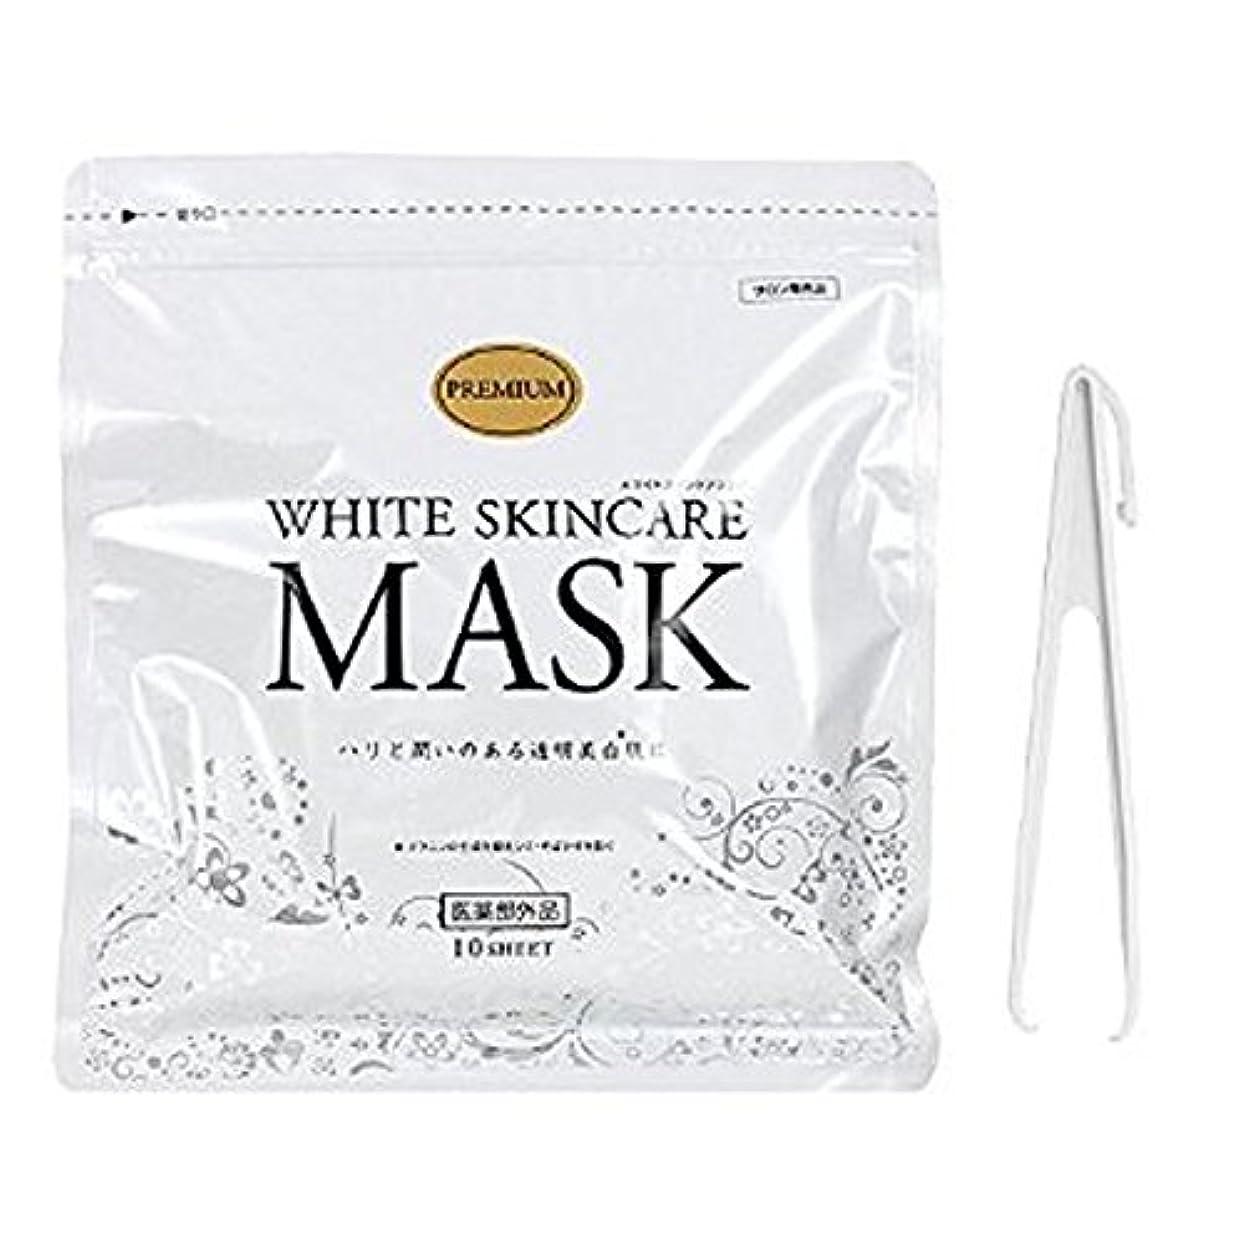 裁判所ようこそマイルストーンホワイトスキンケアマスク 10枚入